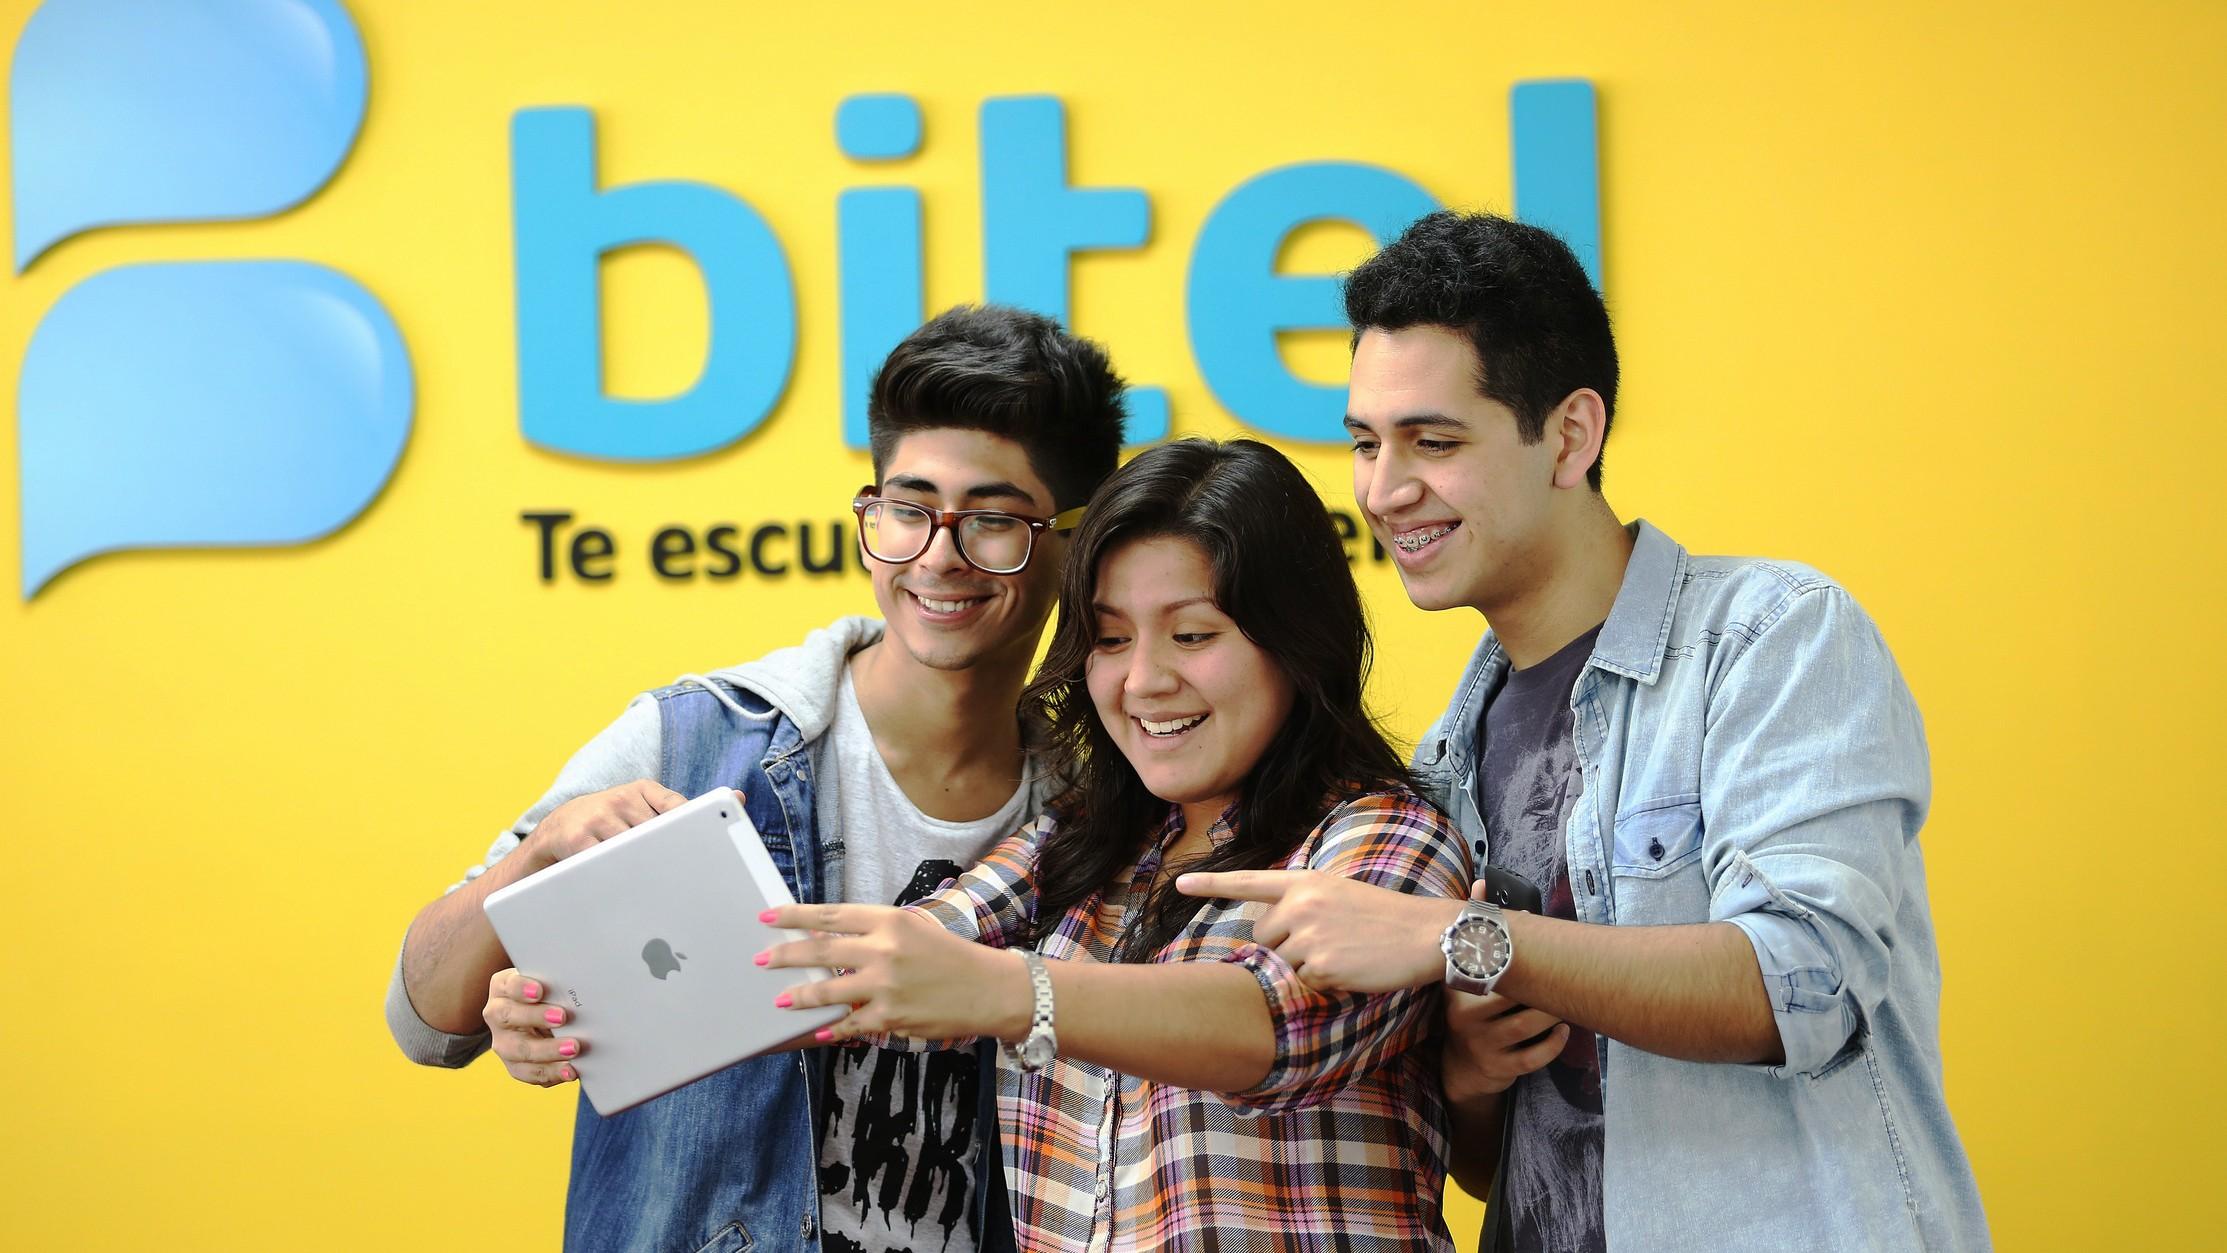 mang Bitel - Viettel khai trương mạng di động Bitel tại PÊRU